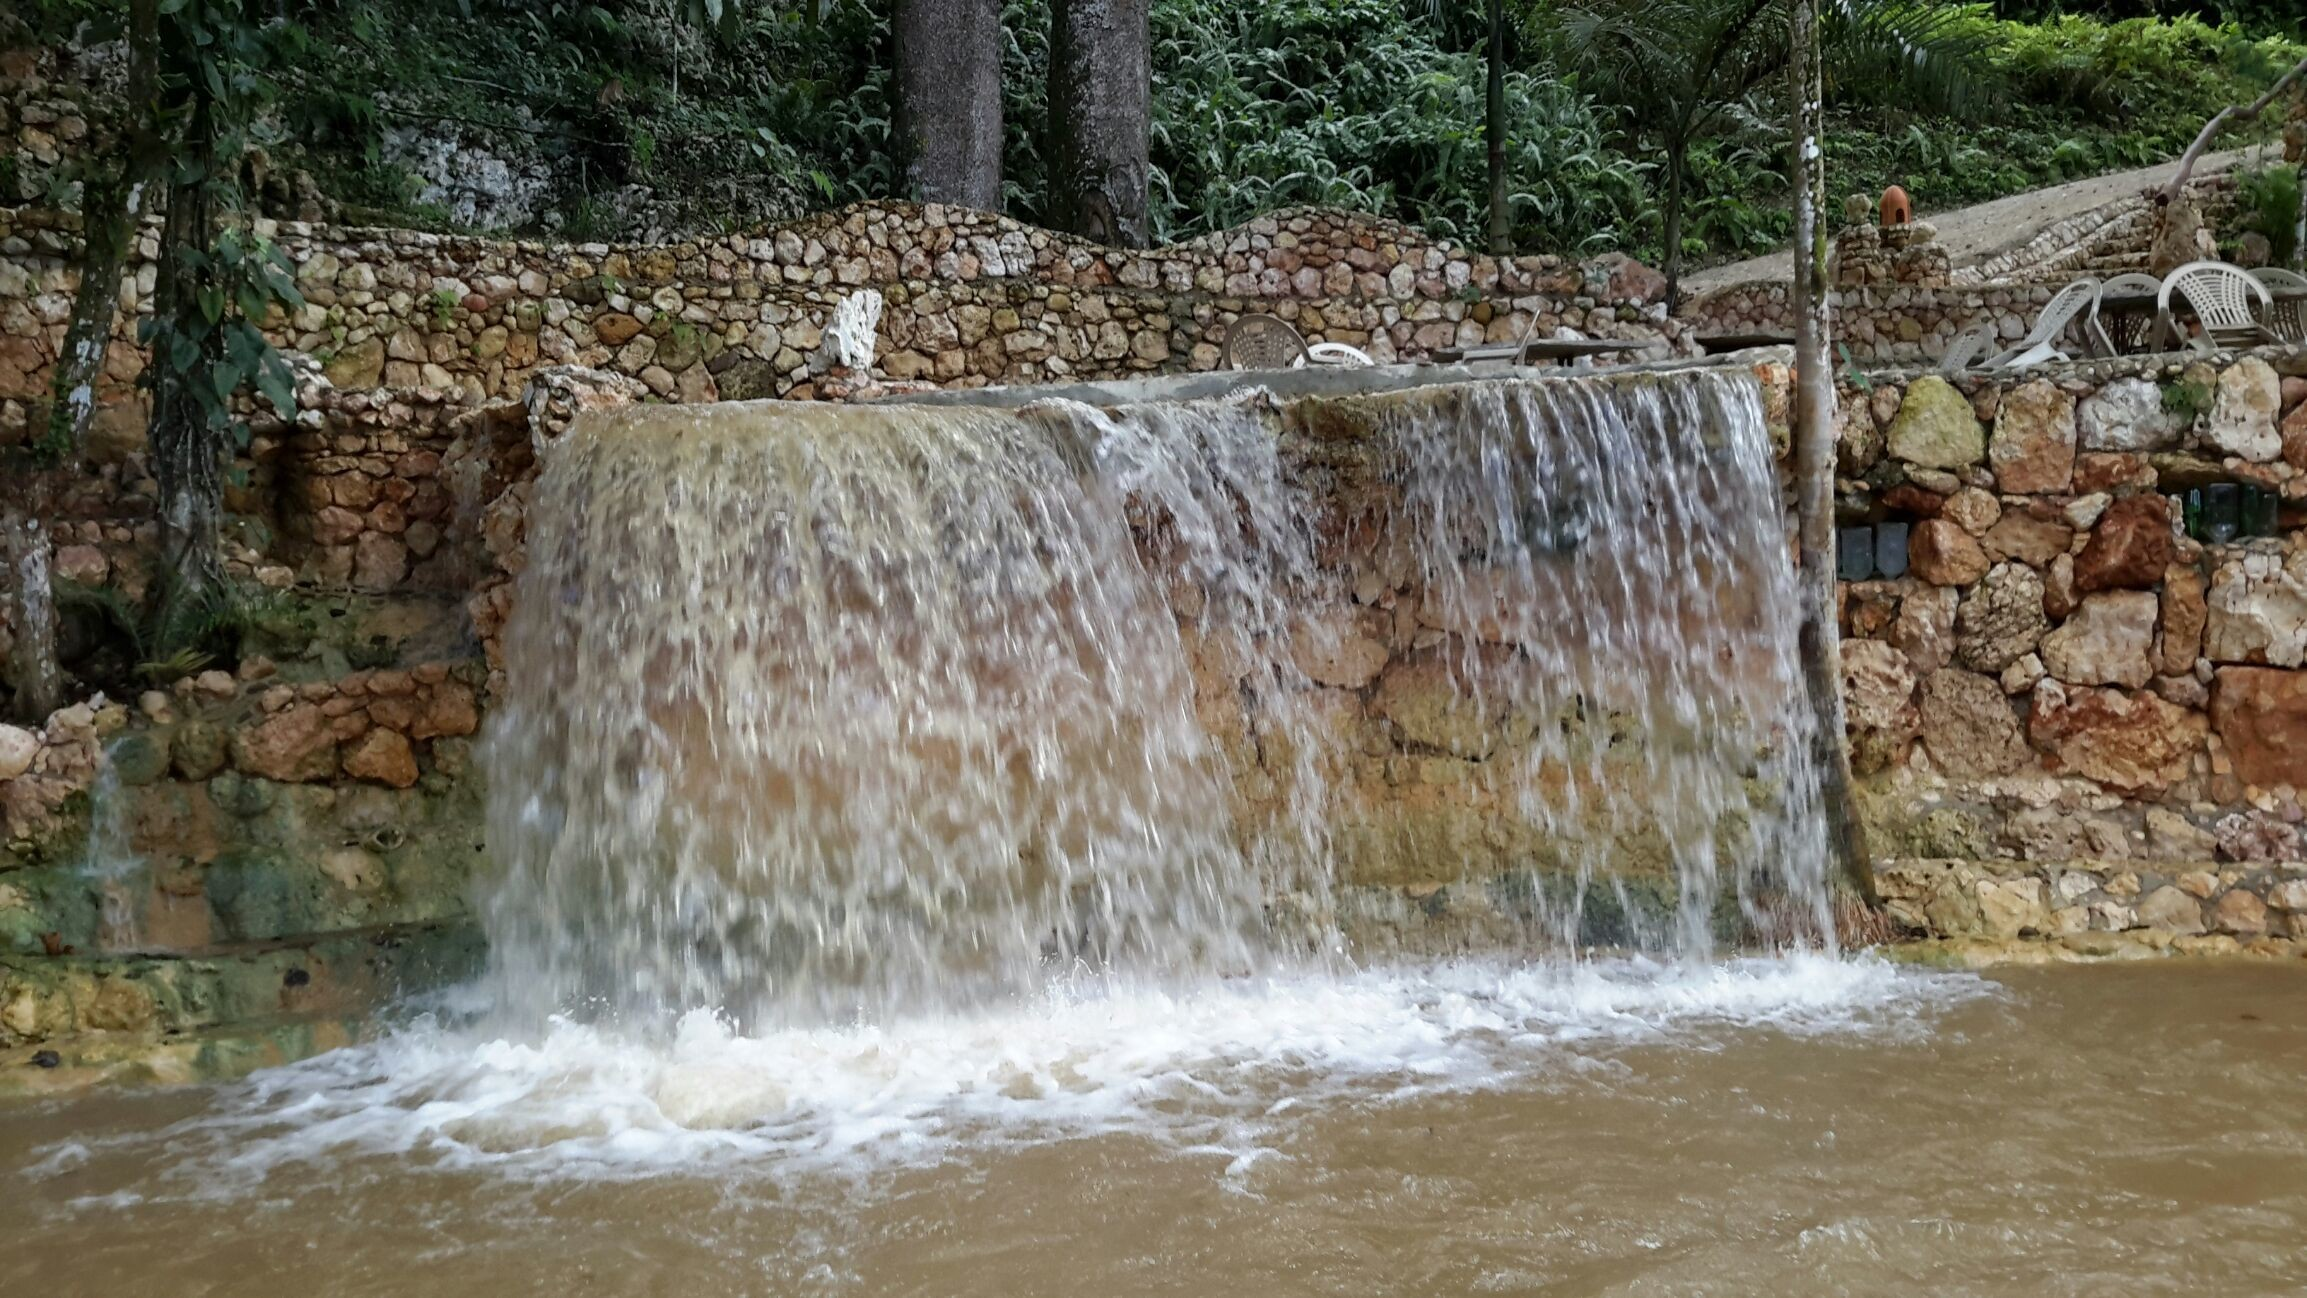 disfruta de nuestras maravillosas cascadas con caida de agua libre